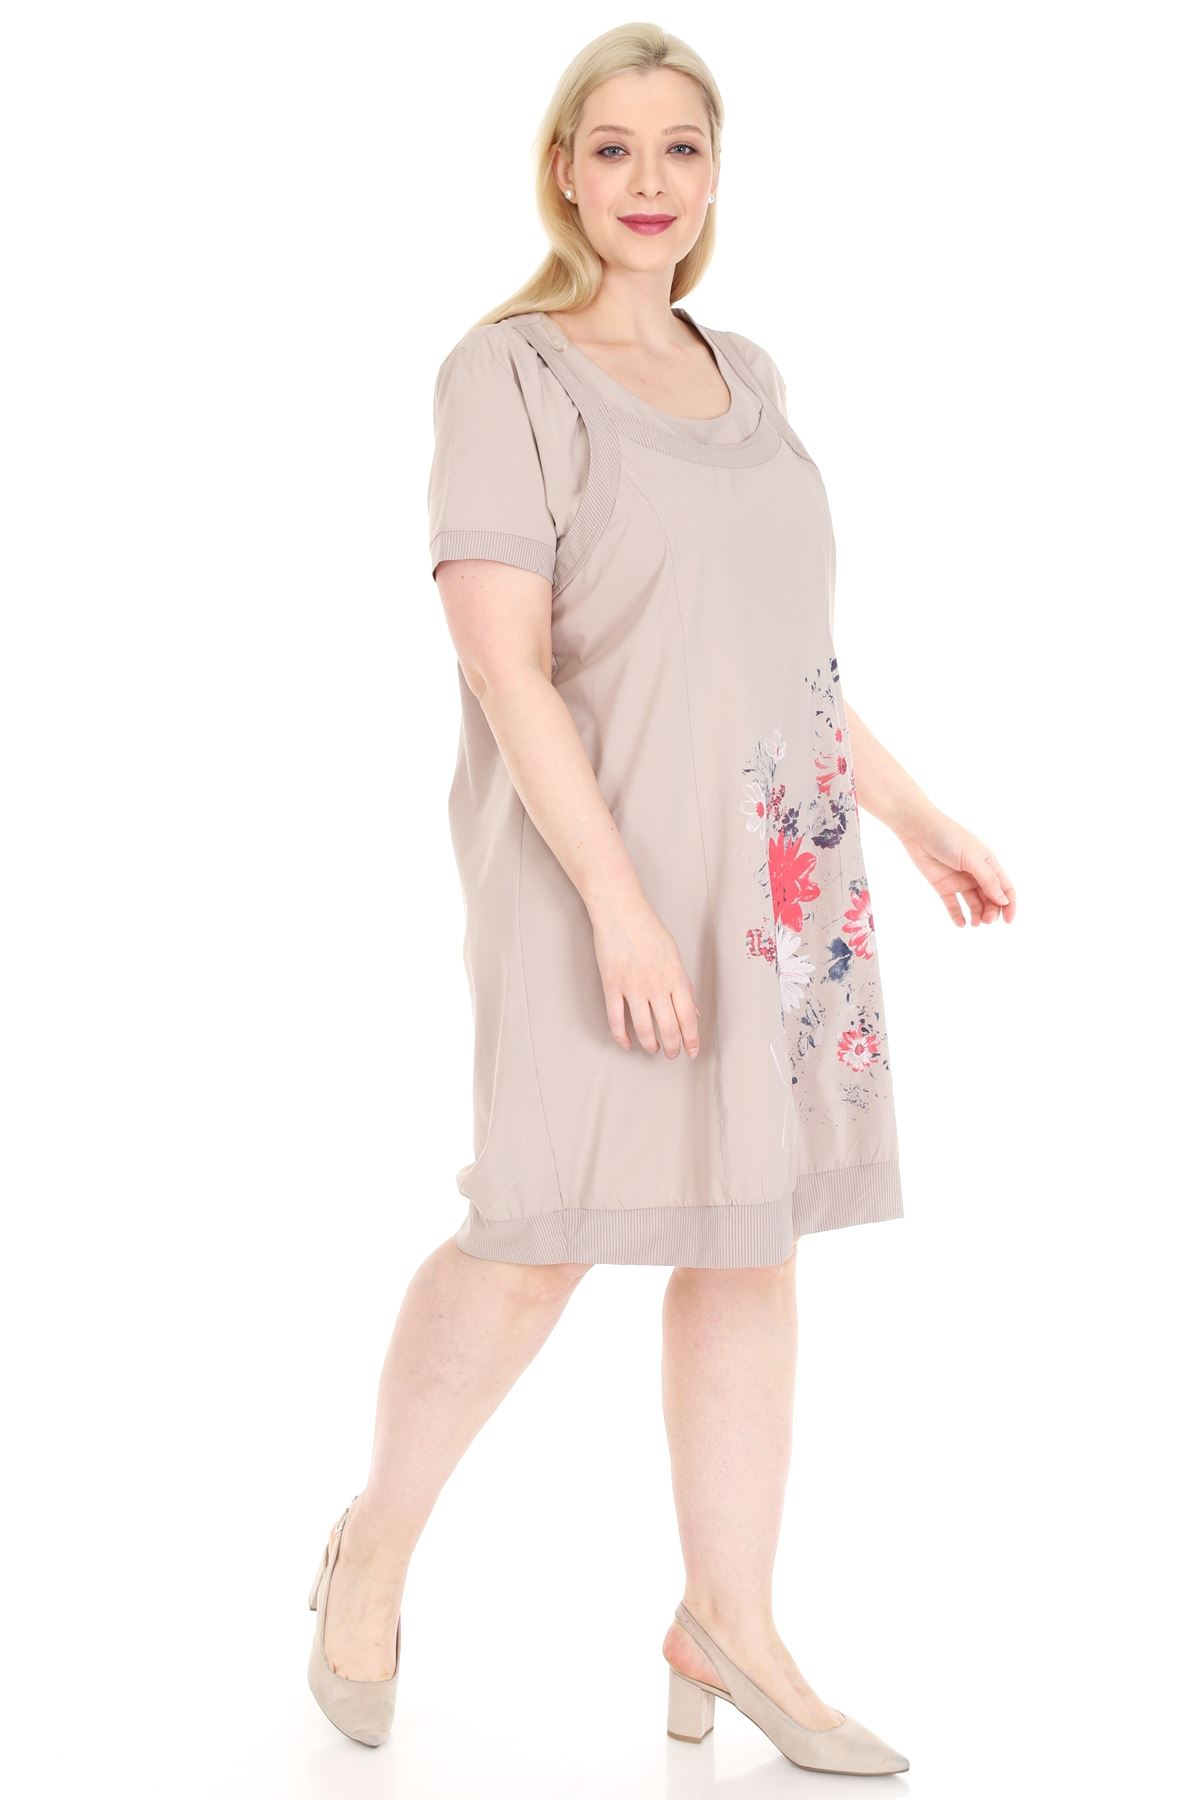 Baskılı Yazlık Elbise 20Y-0917